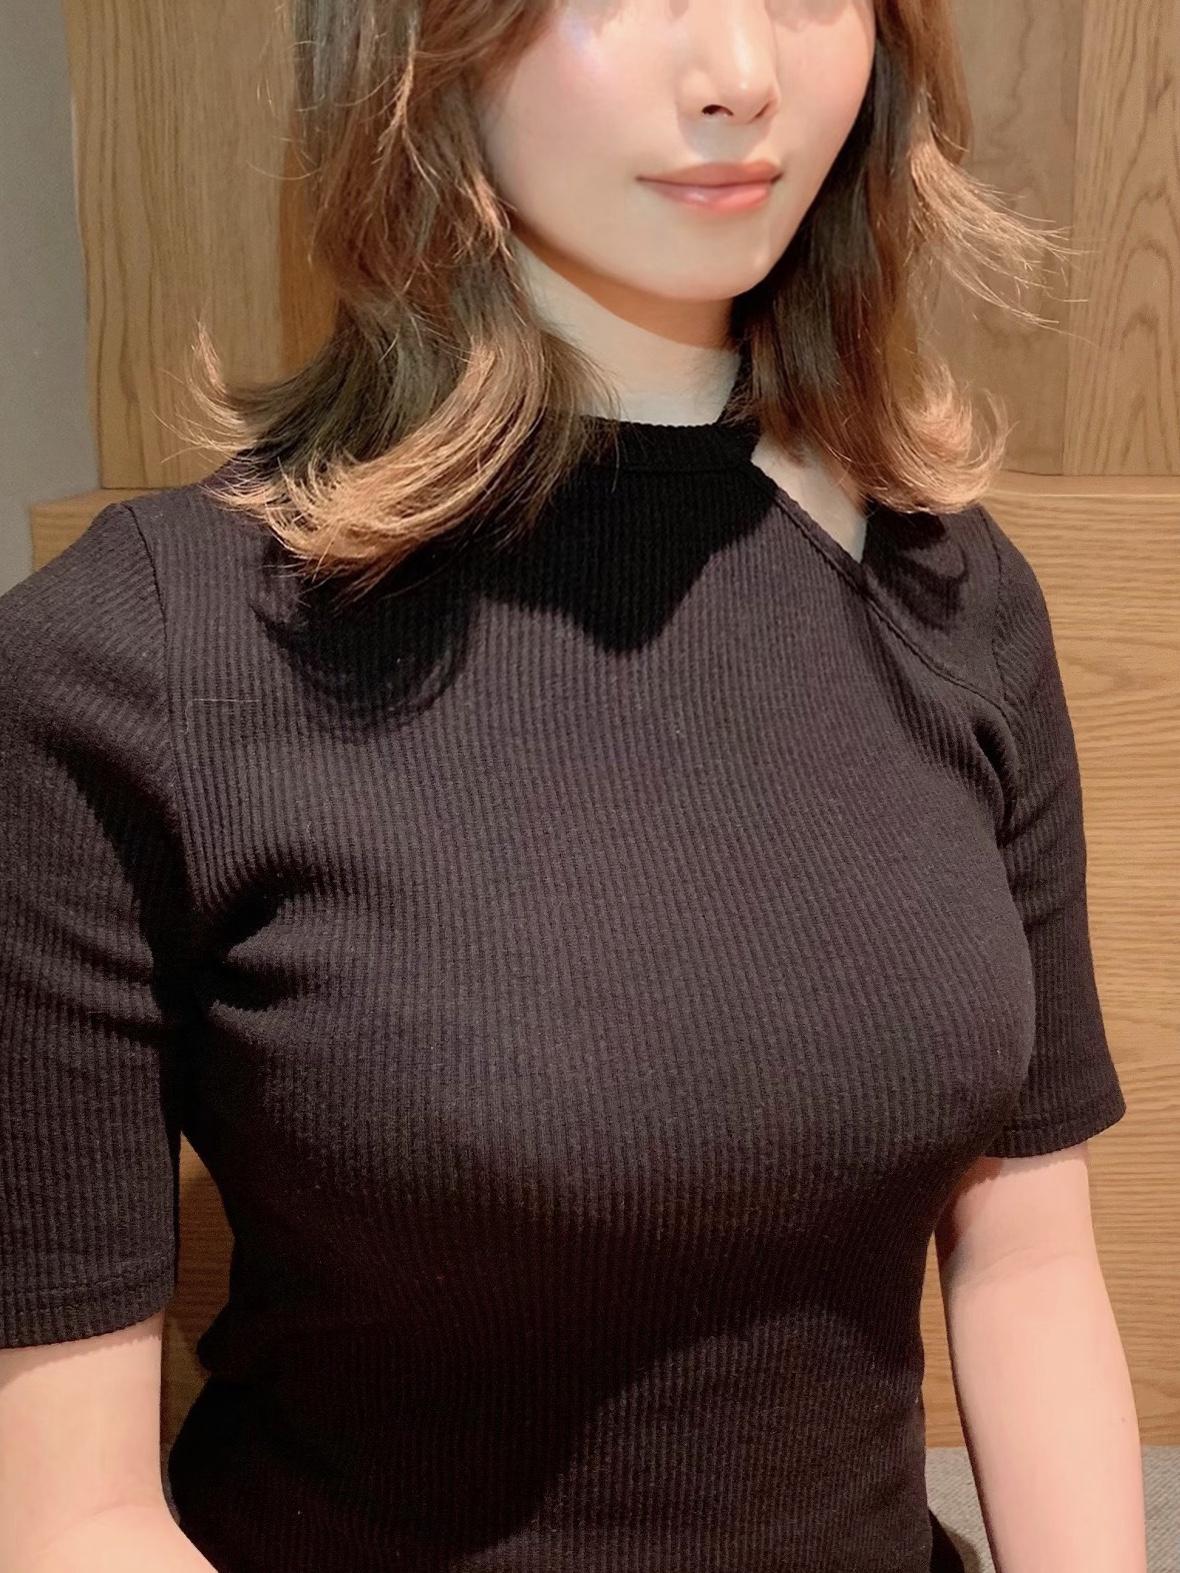 高級デリヘル|松尾 郁美